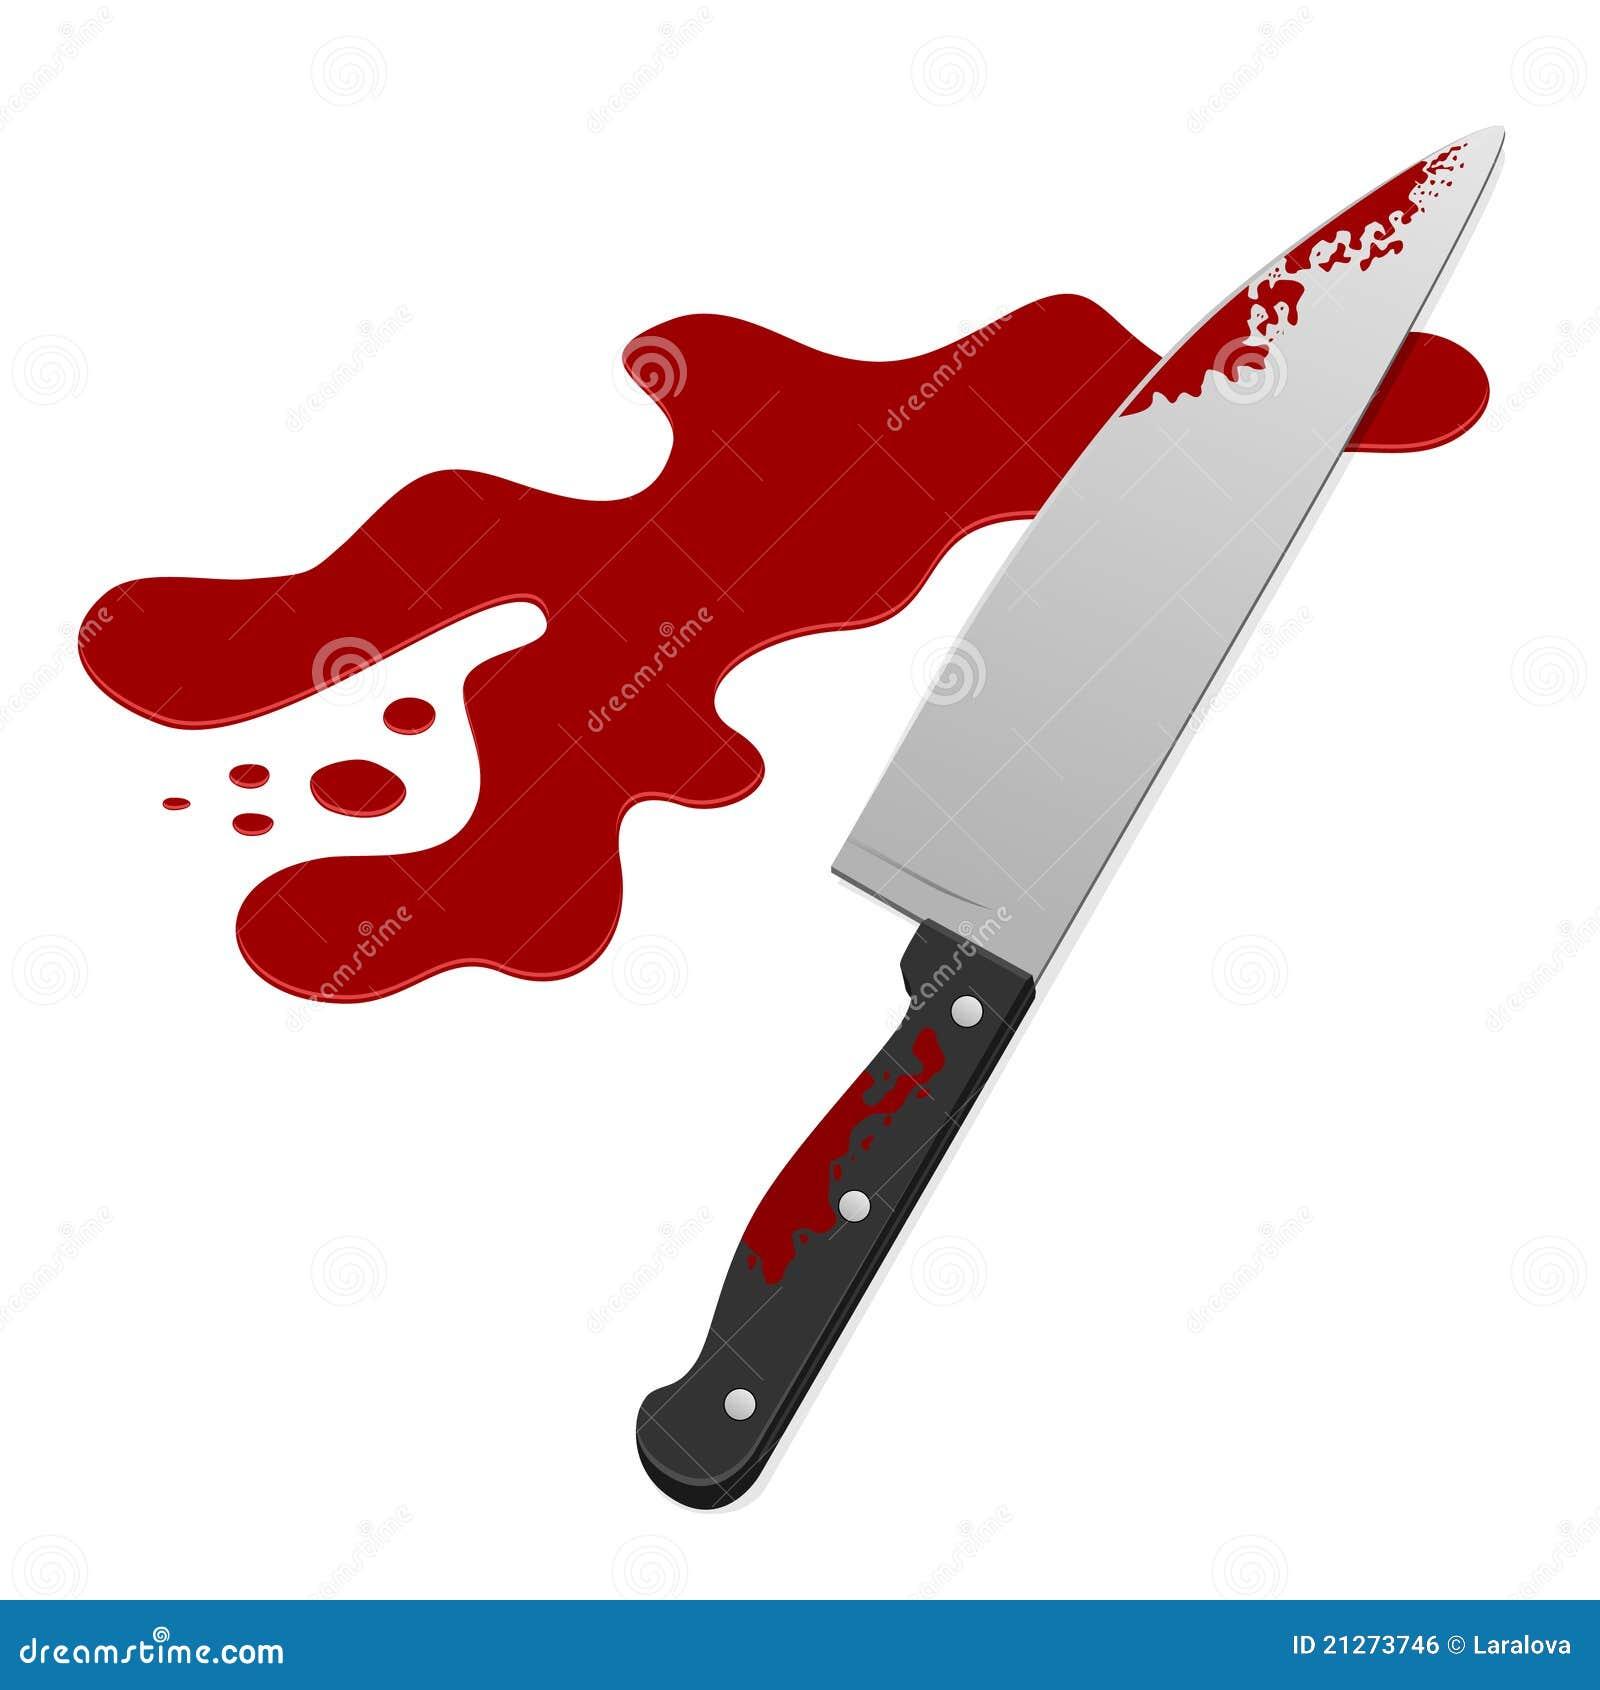 Messer mit Blut vektor abbildung. Bild von hurt, mord - 21273746